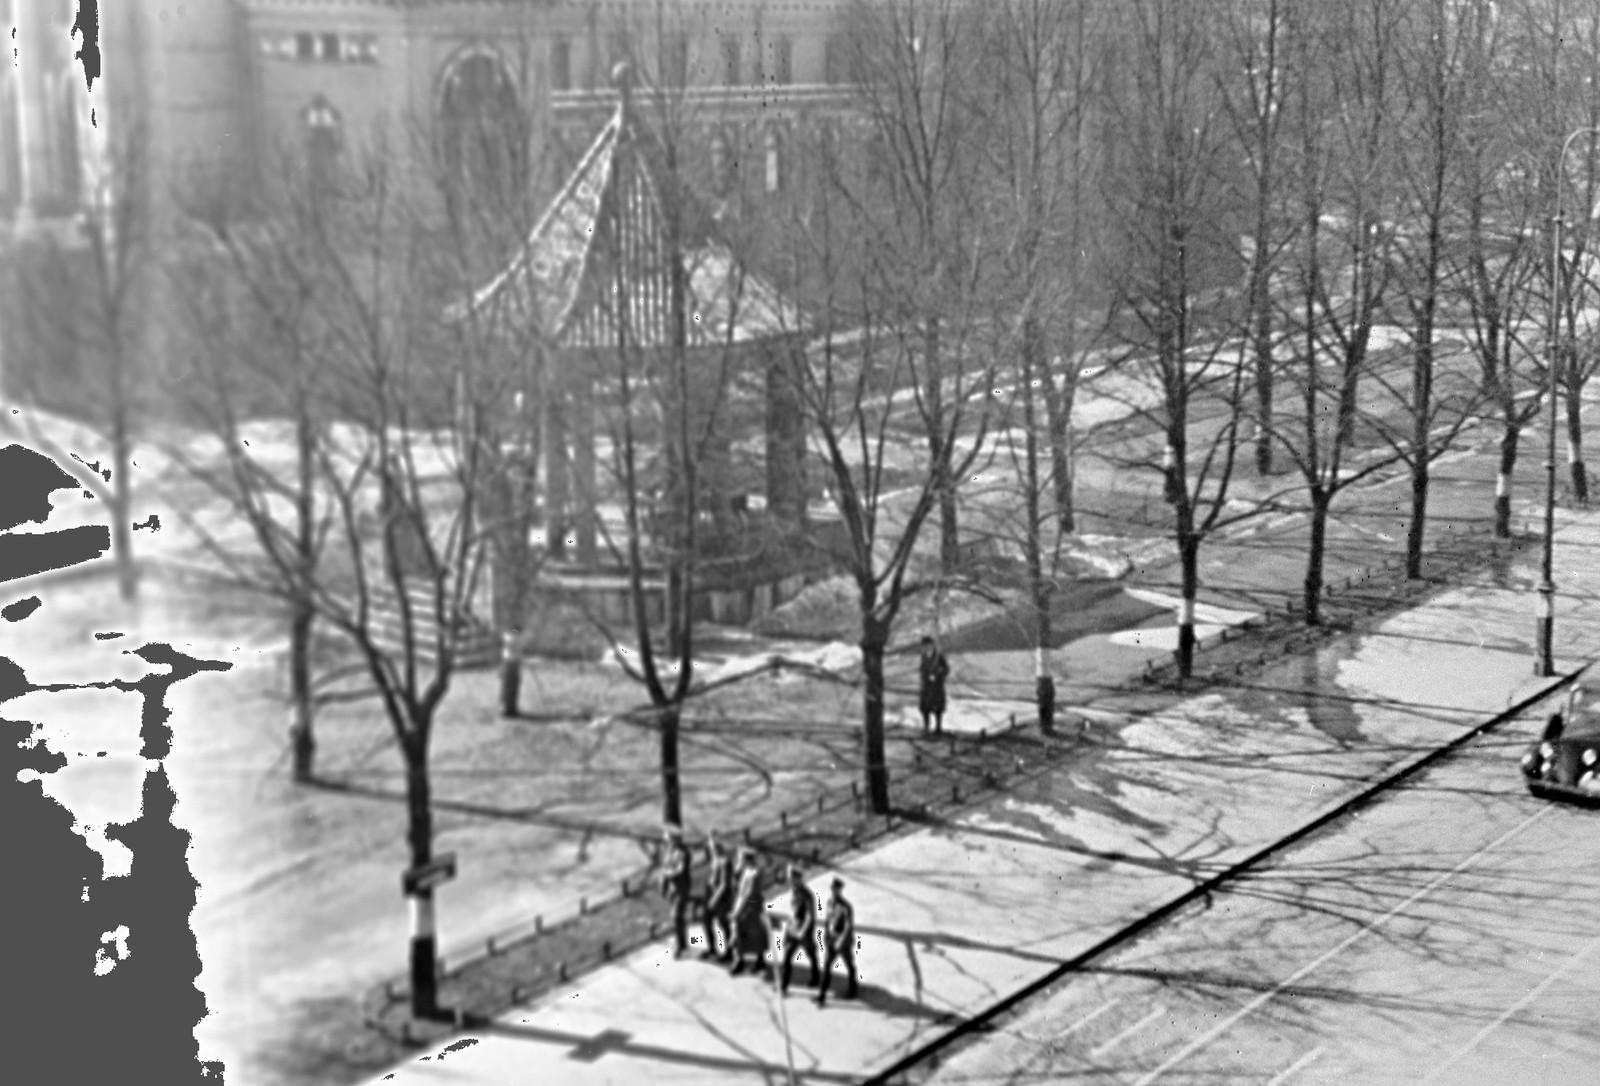 Karl Johans gate er nesten folketom ved 14-tiden om ettermiddagen. Alle nordmenn var anmodet om å forlate sine arbeidsplasser, reise hjem og overlate gatene til tyskerne.